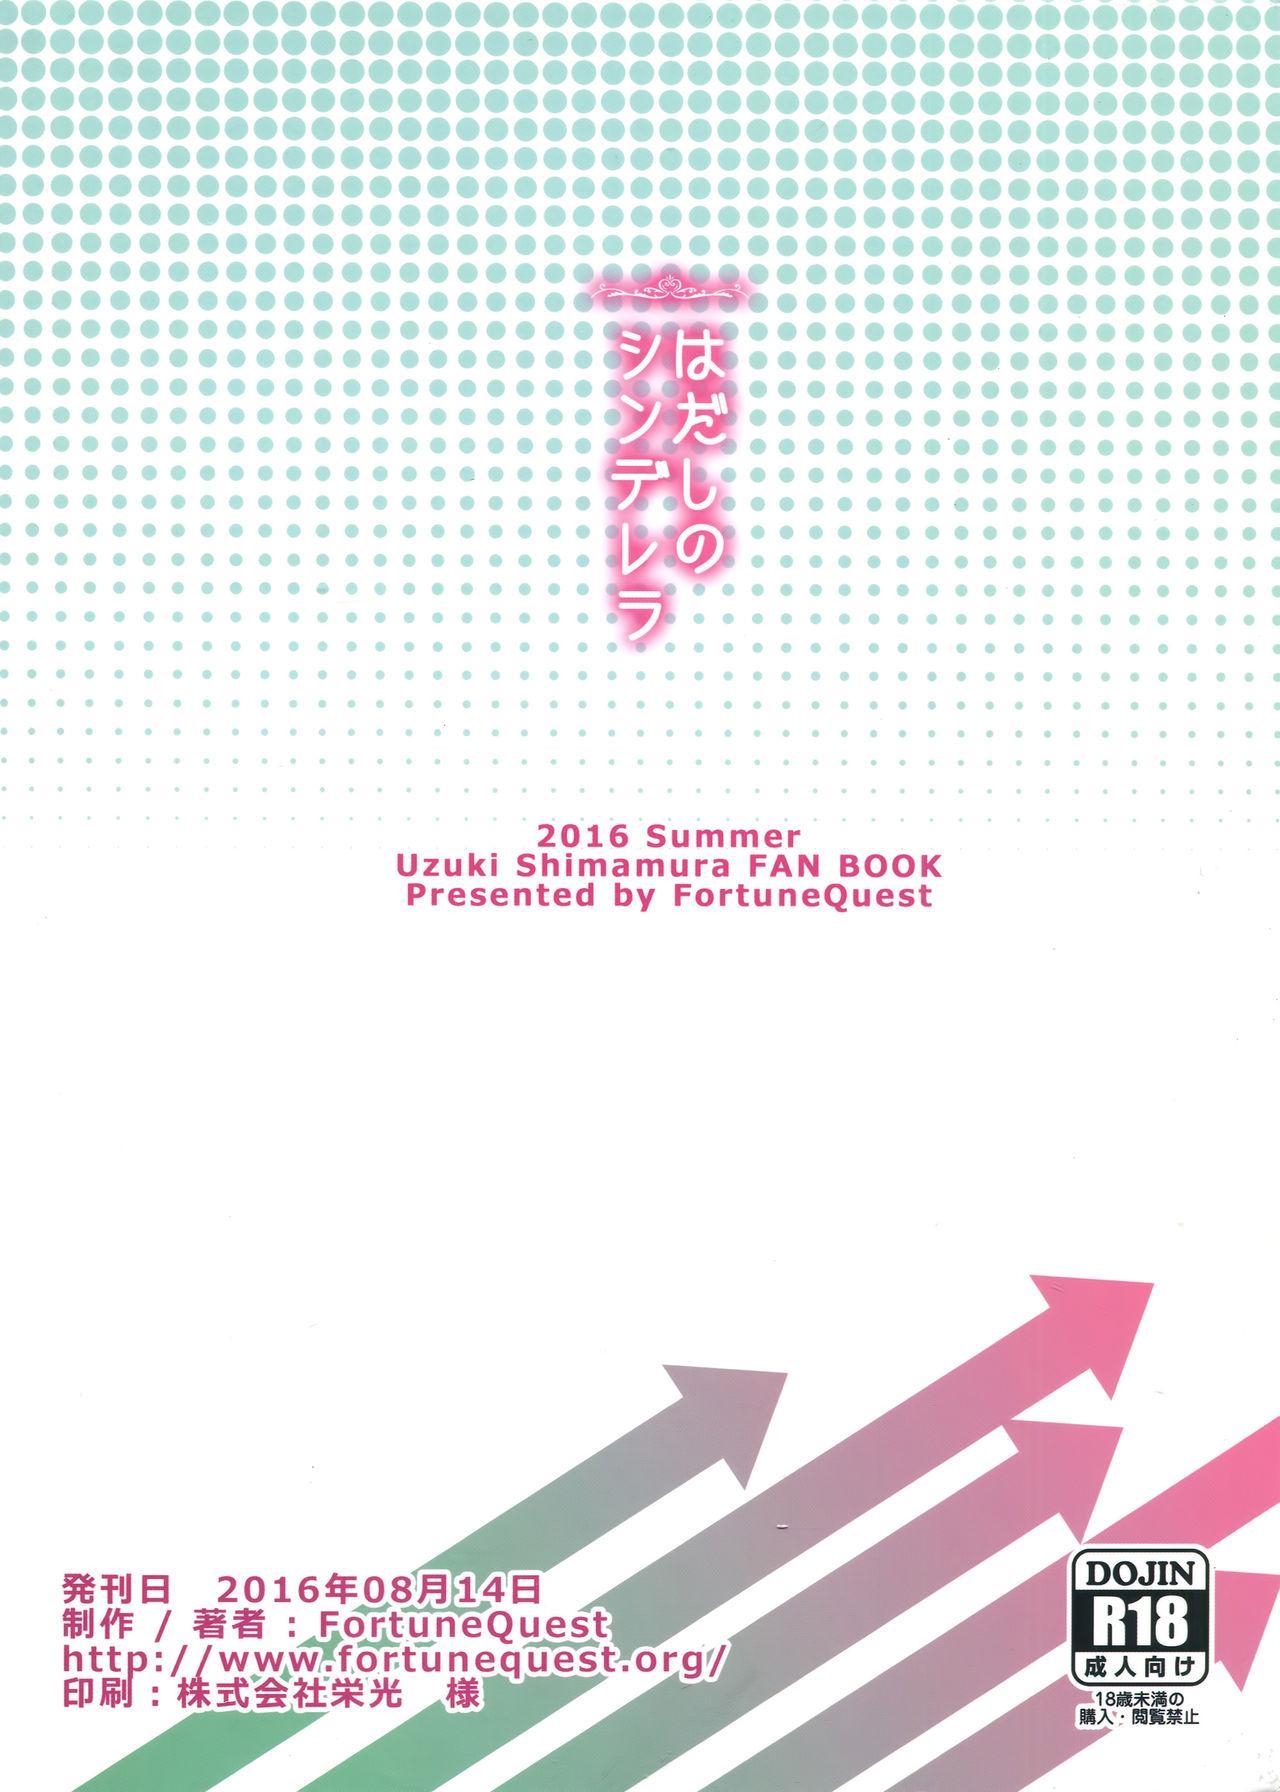 Hadashi no Cinderella - Barefoot Cinderella 24